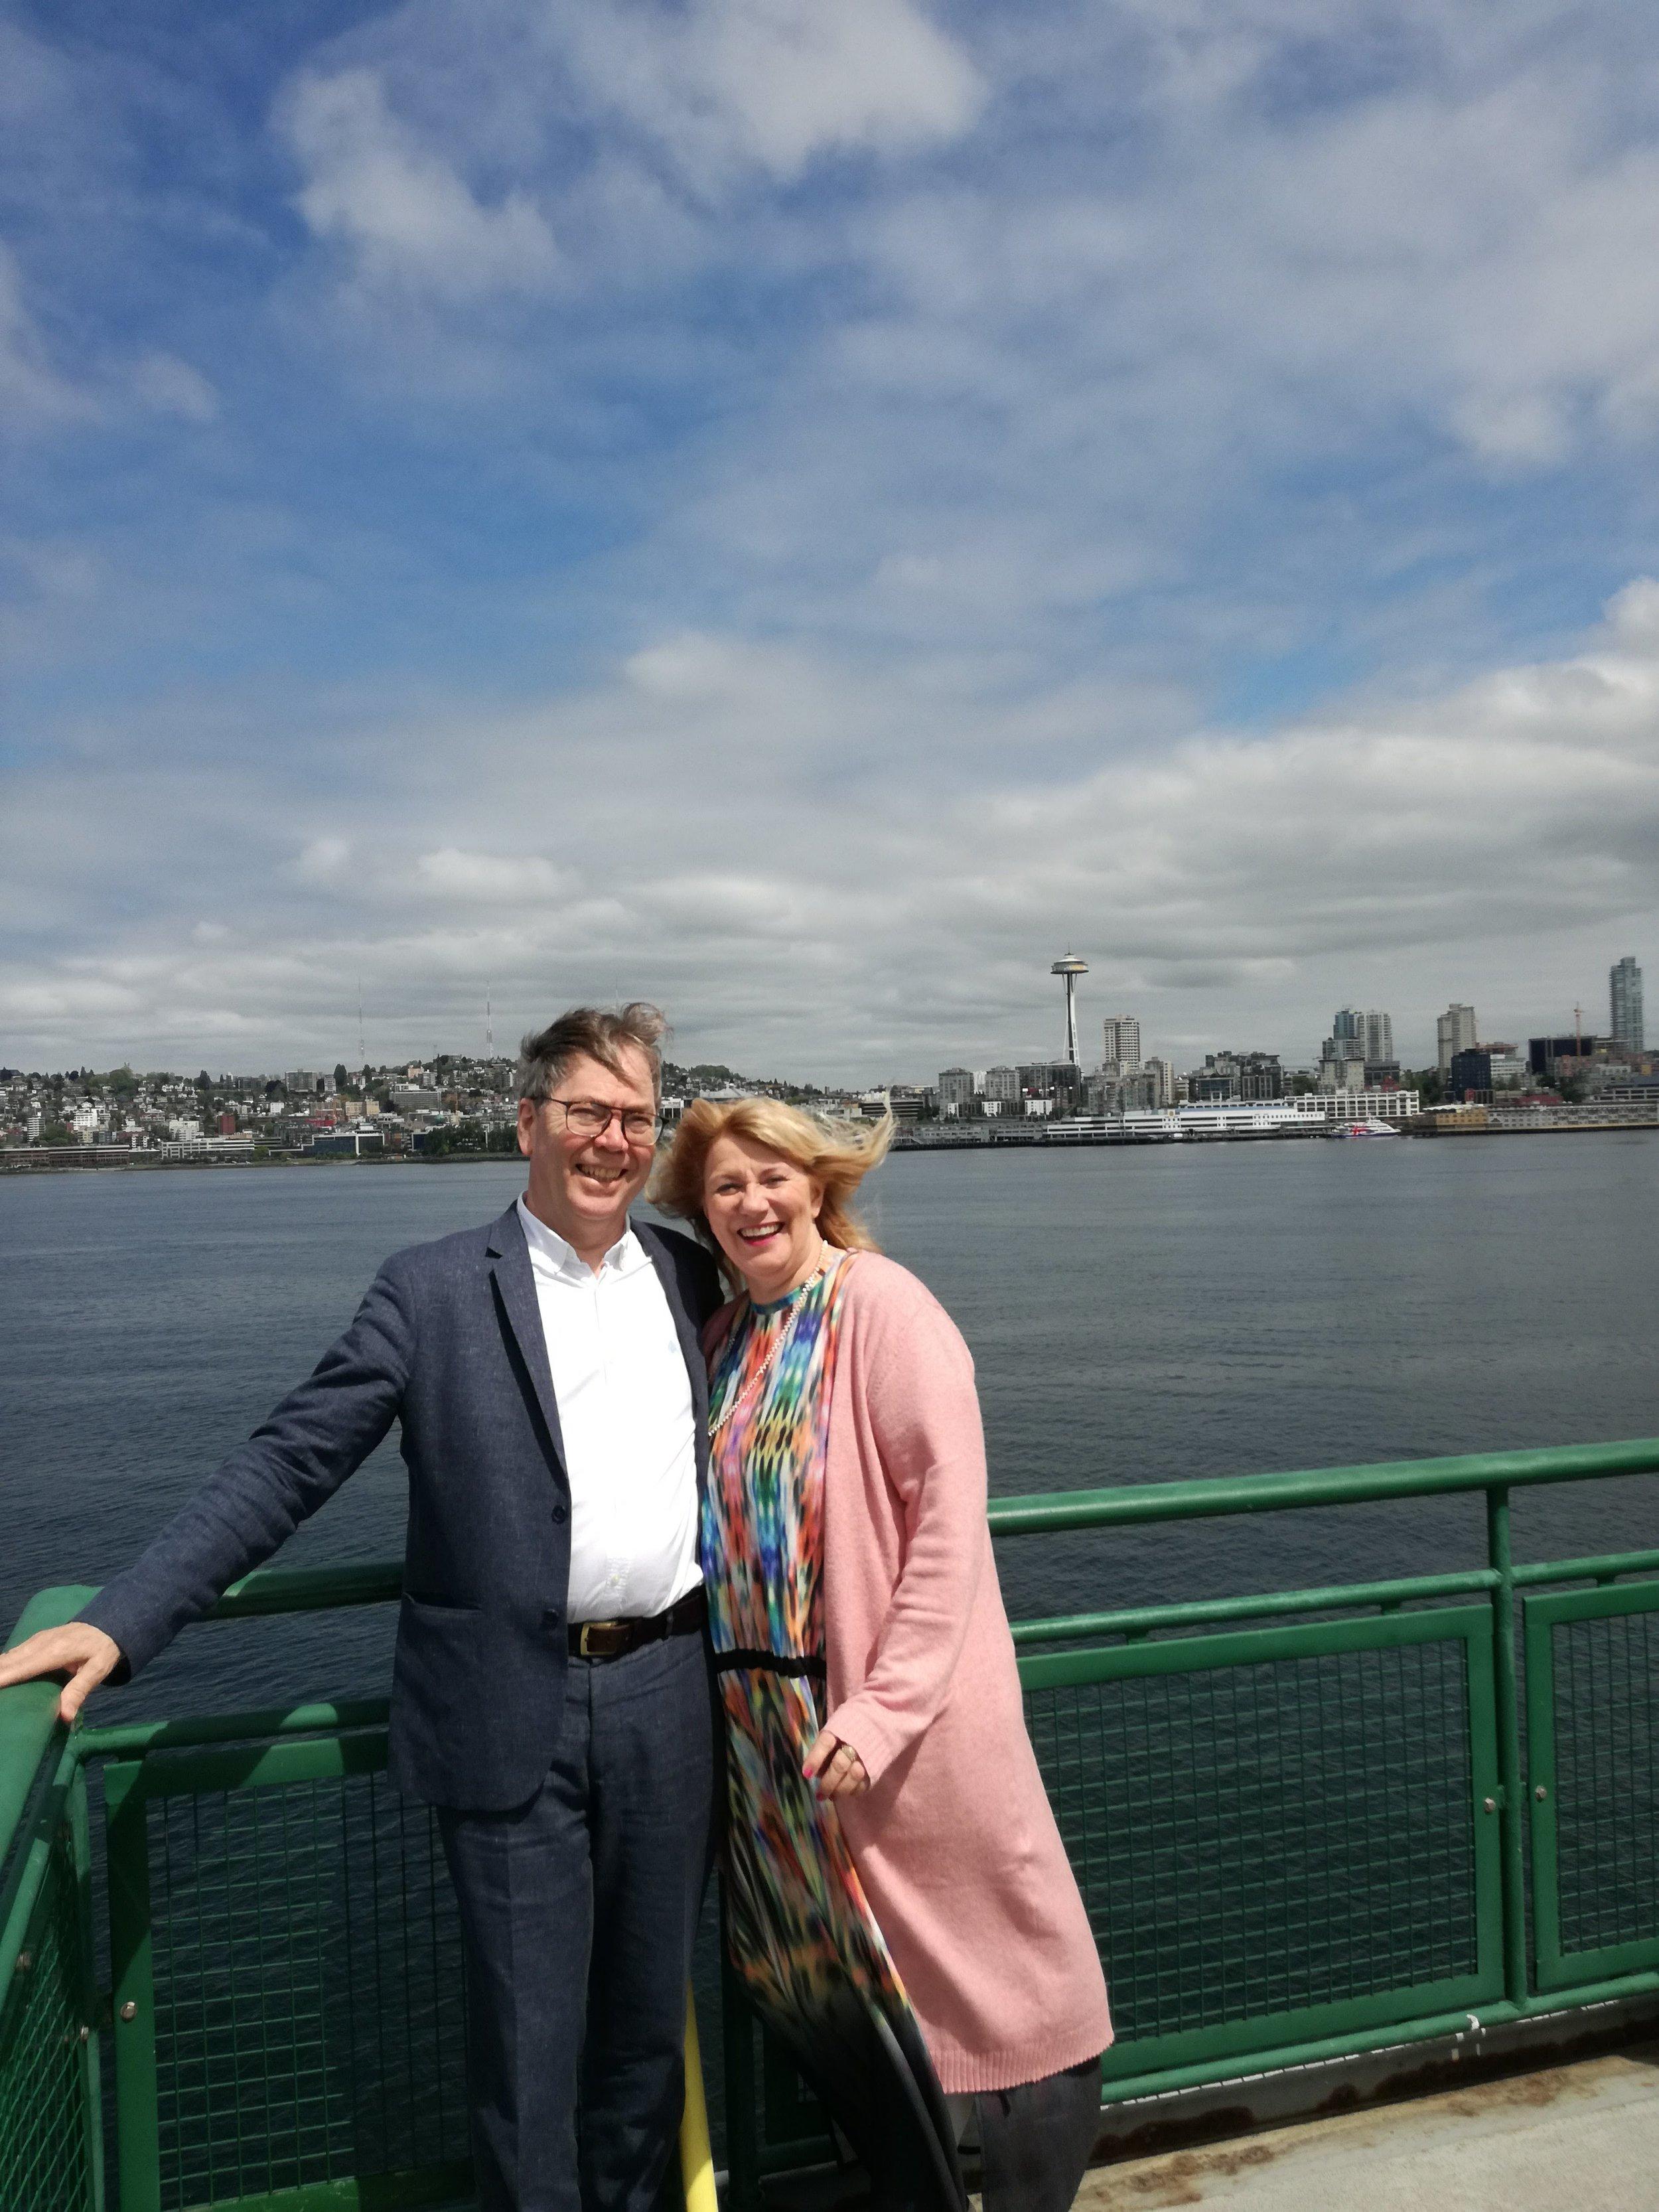 Hörður Áskelsson og Inga Rós Ingólfsdóttir på ferga fra Seattle til Poulsbo